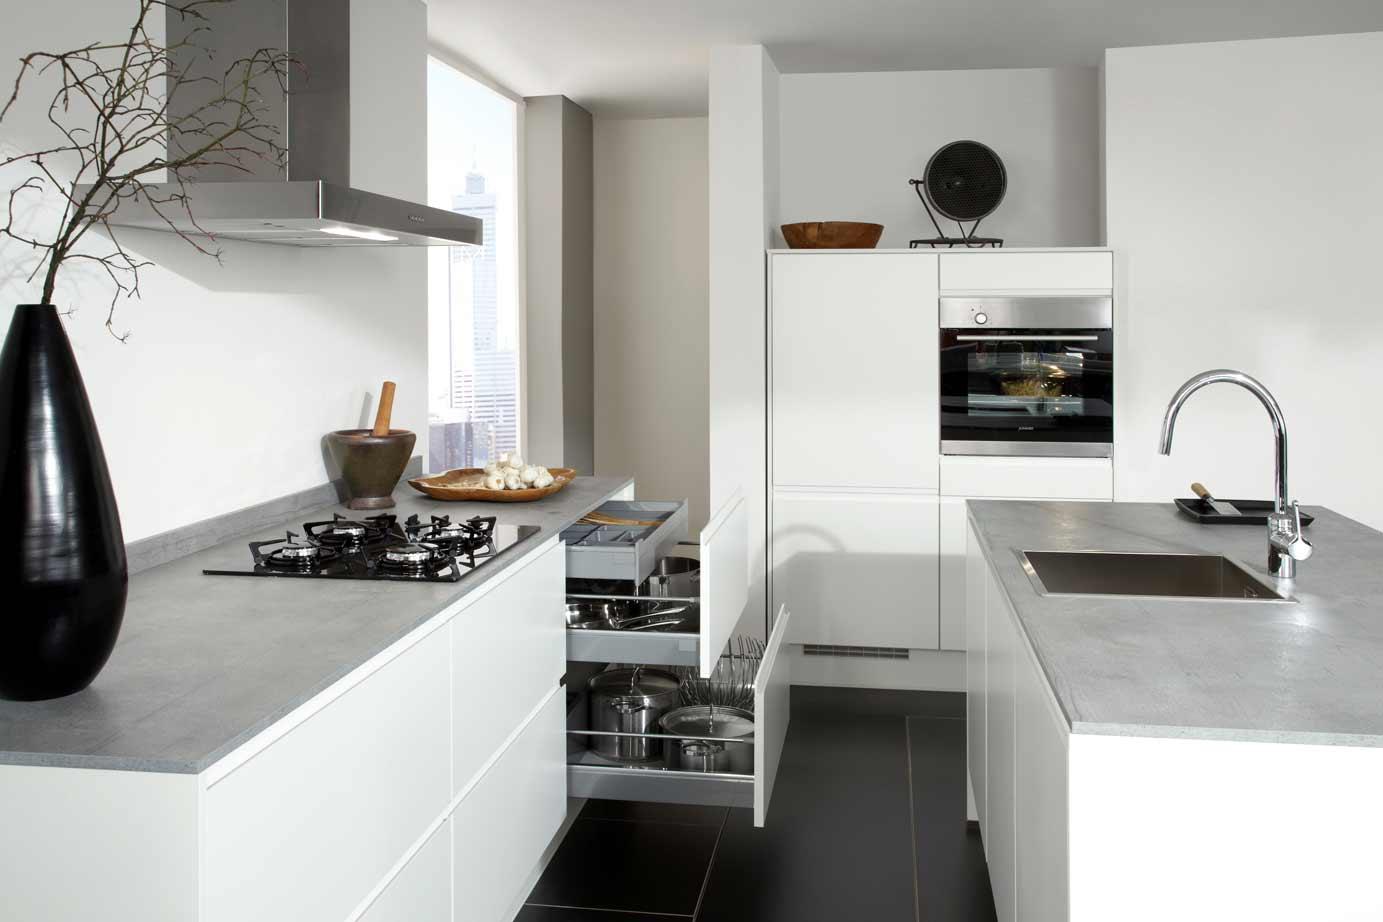 Keukens voor 7000 euro fauteuil 2017 for Cuisine 7000 euros